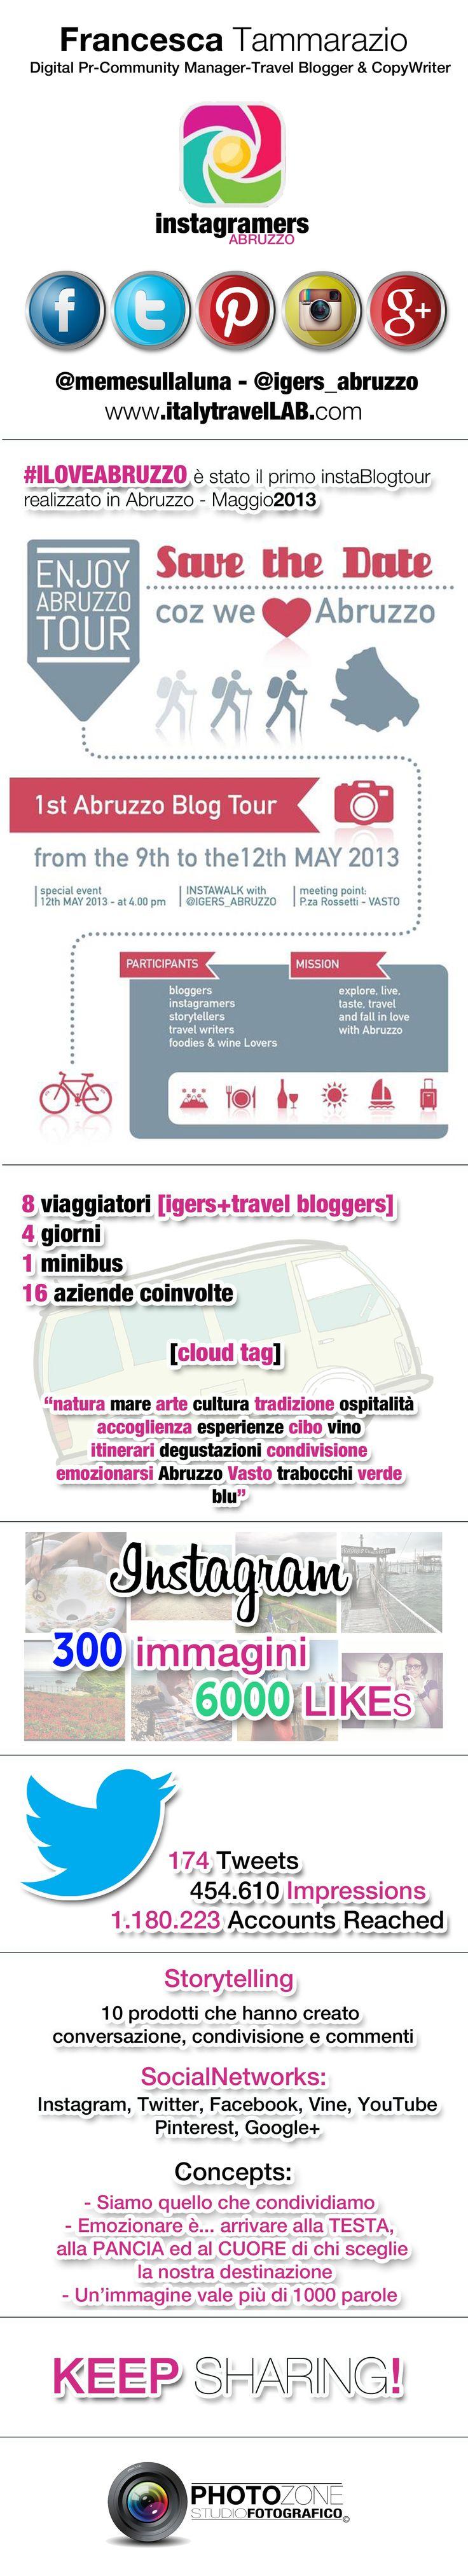 #ILOVEABRUZZO ...infographic  of the 1st Abruzzo blogtour with travel bloggers and instagramers: @memesullaluna @bombafire @igers_abruzzo @Fraintesa @Sara Boccolini @Cristiano Guidetti ViaggioVero.com @NonSoloTuristi @miprendoemiportovia @thinkingnomads  project by Francesca Tammarazio   www.italytravellab.com  thanks to @Giulio Tolli for this magnificent graphic work!!